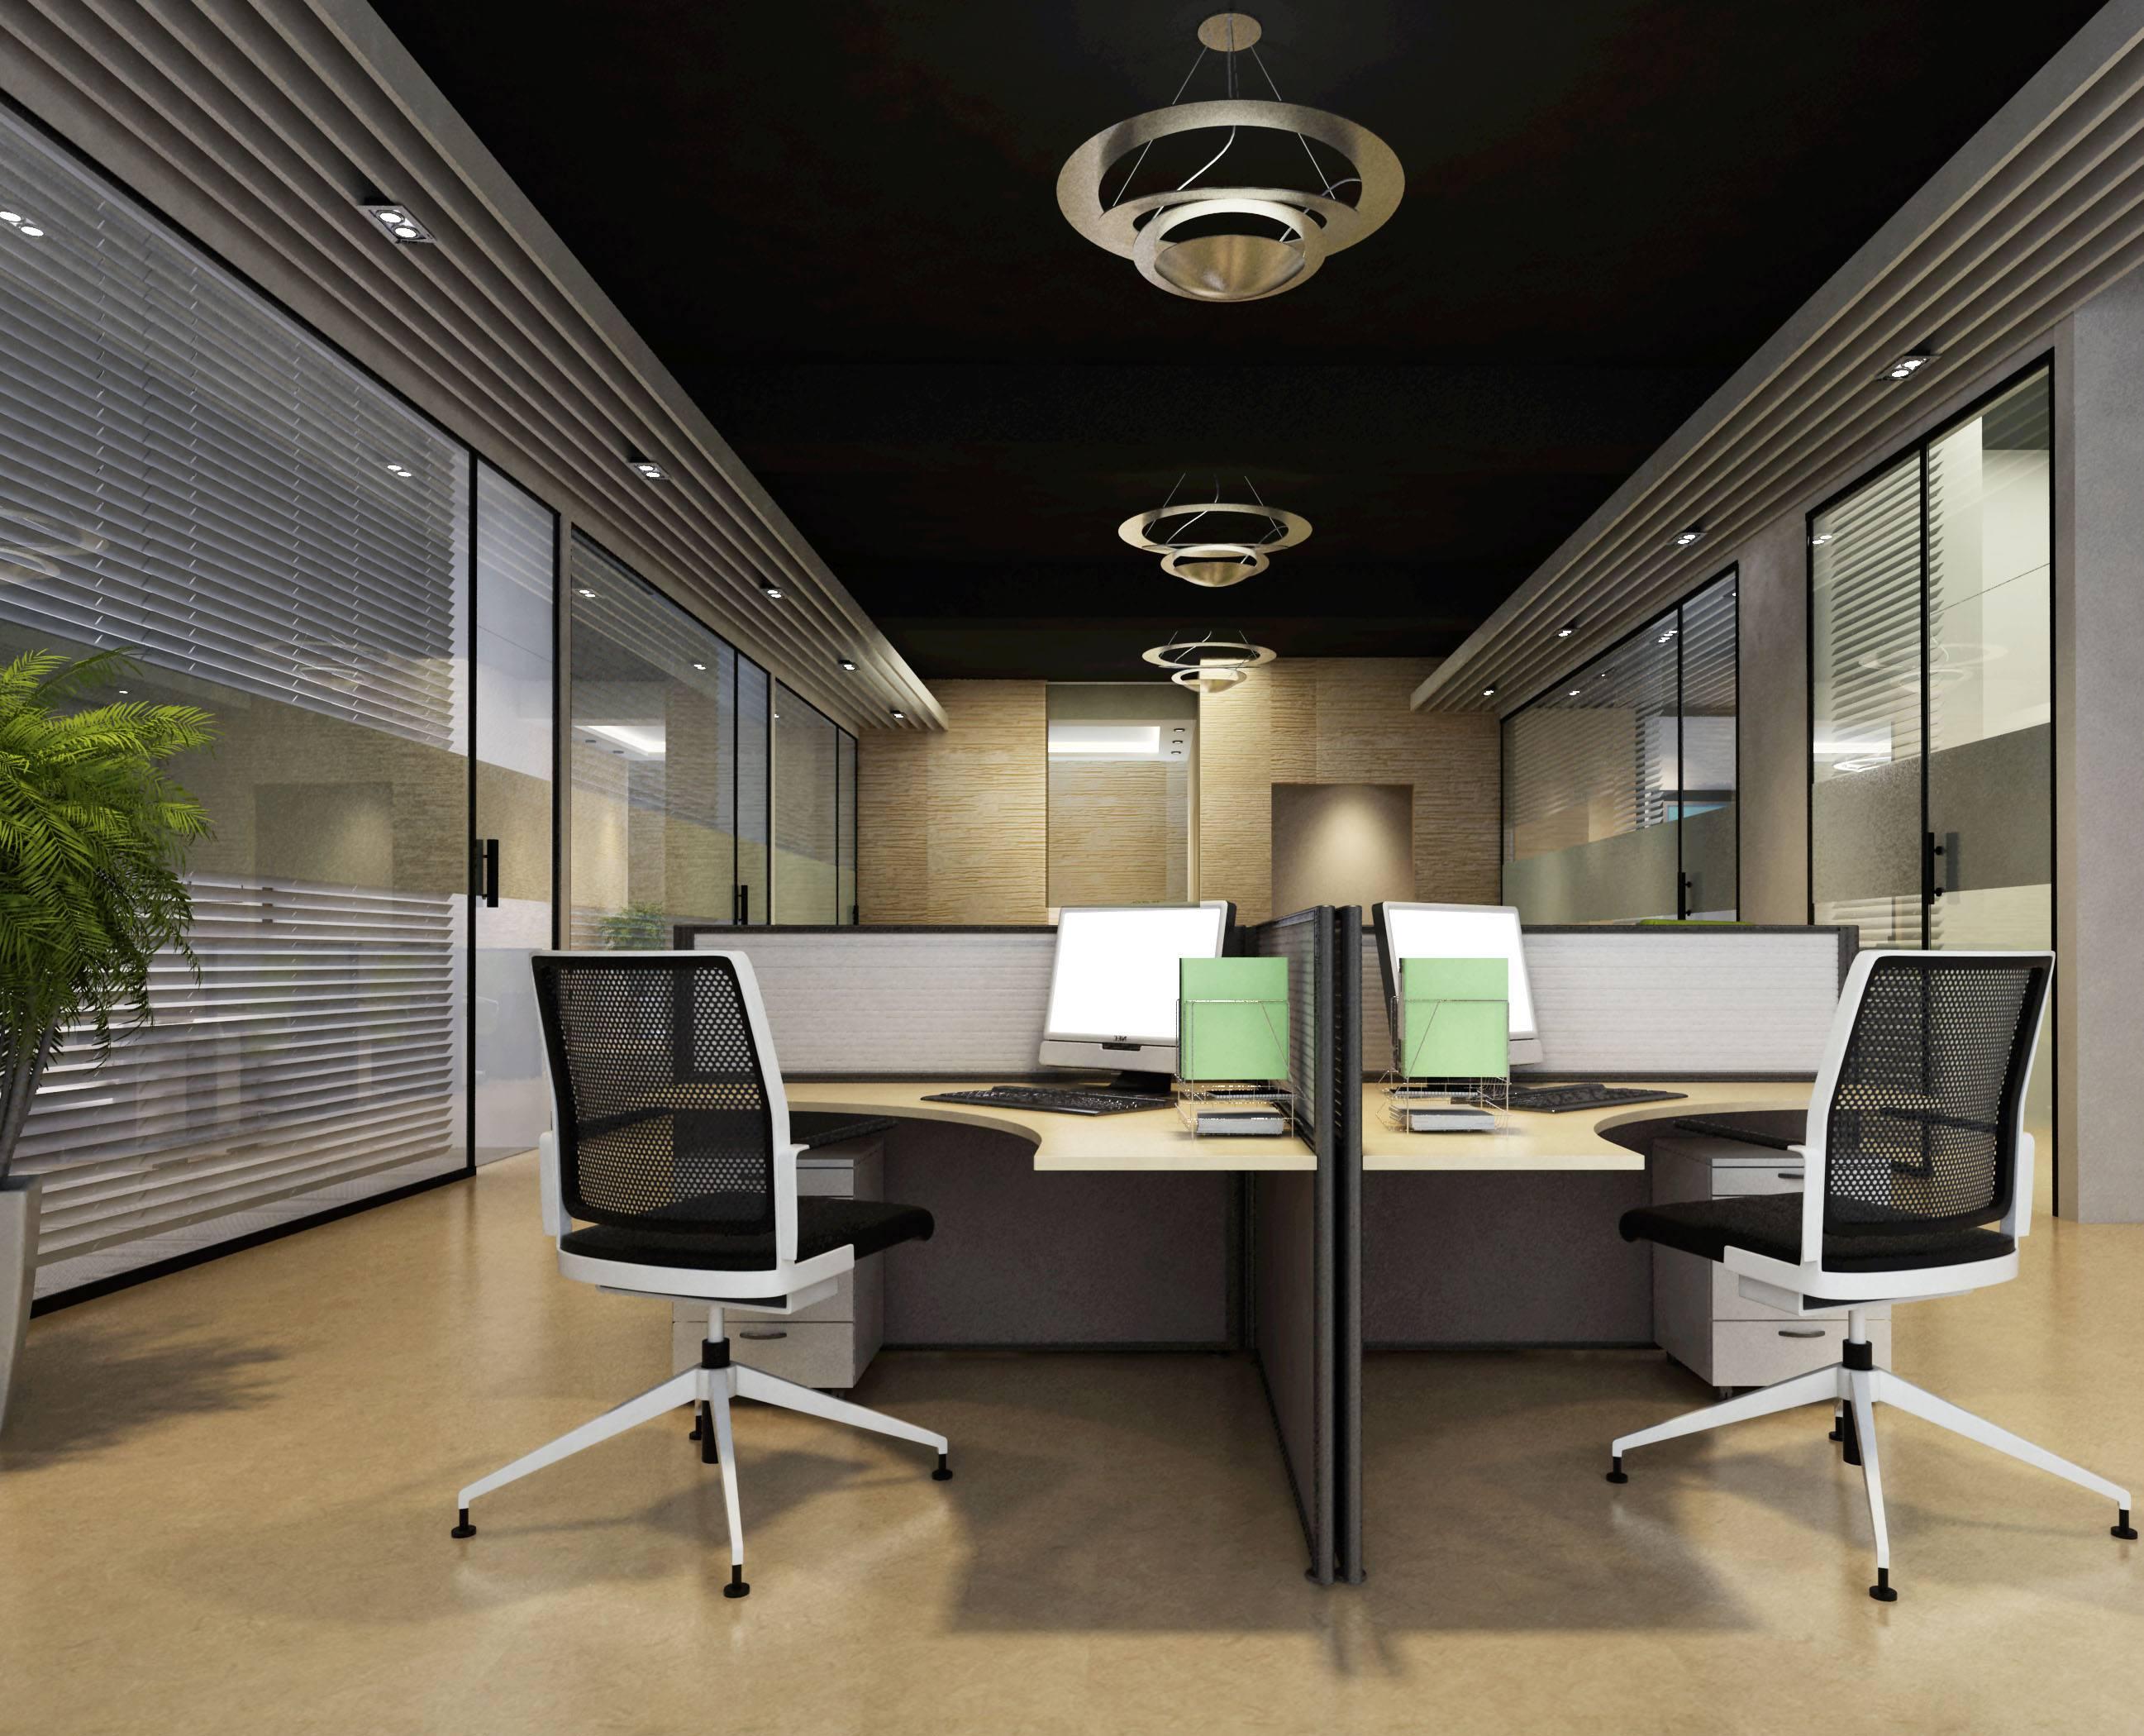 重庆办公室装修,办公室装修注意问题,办公室如何合理装修